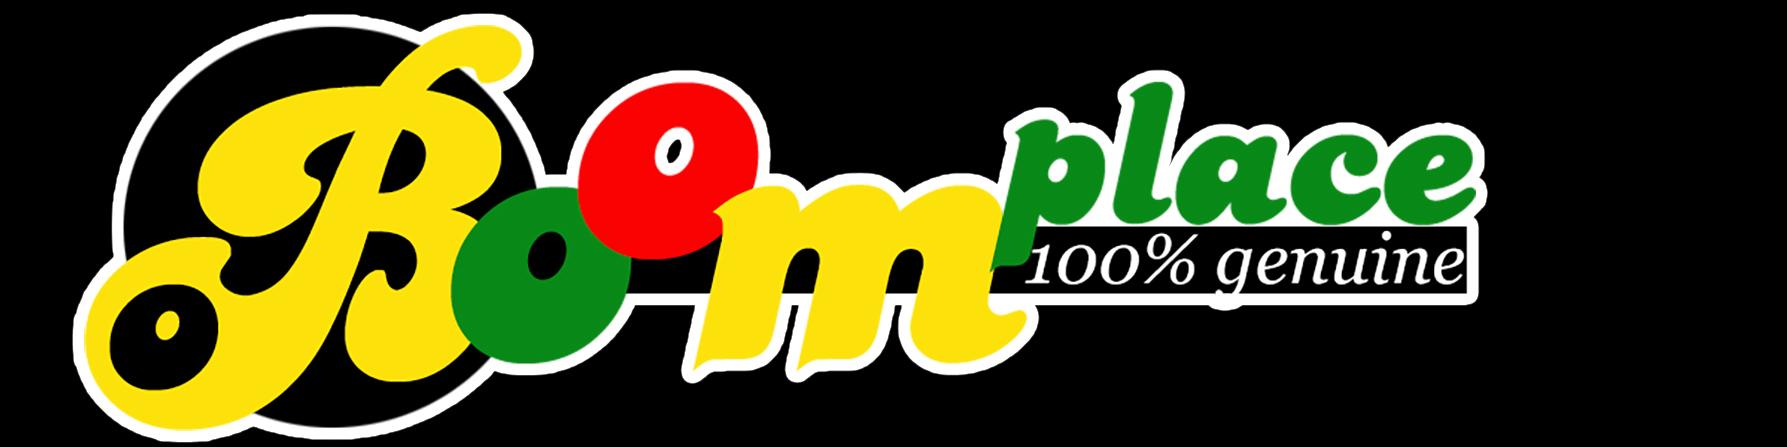 Logo Boomplace Grafik